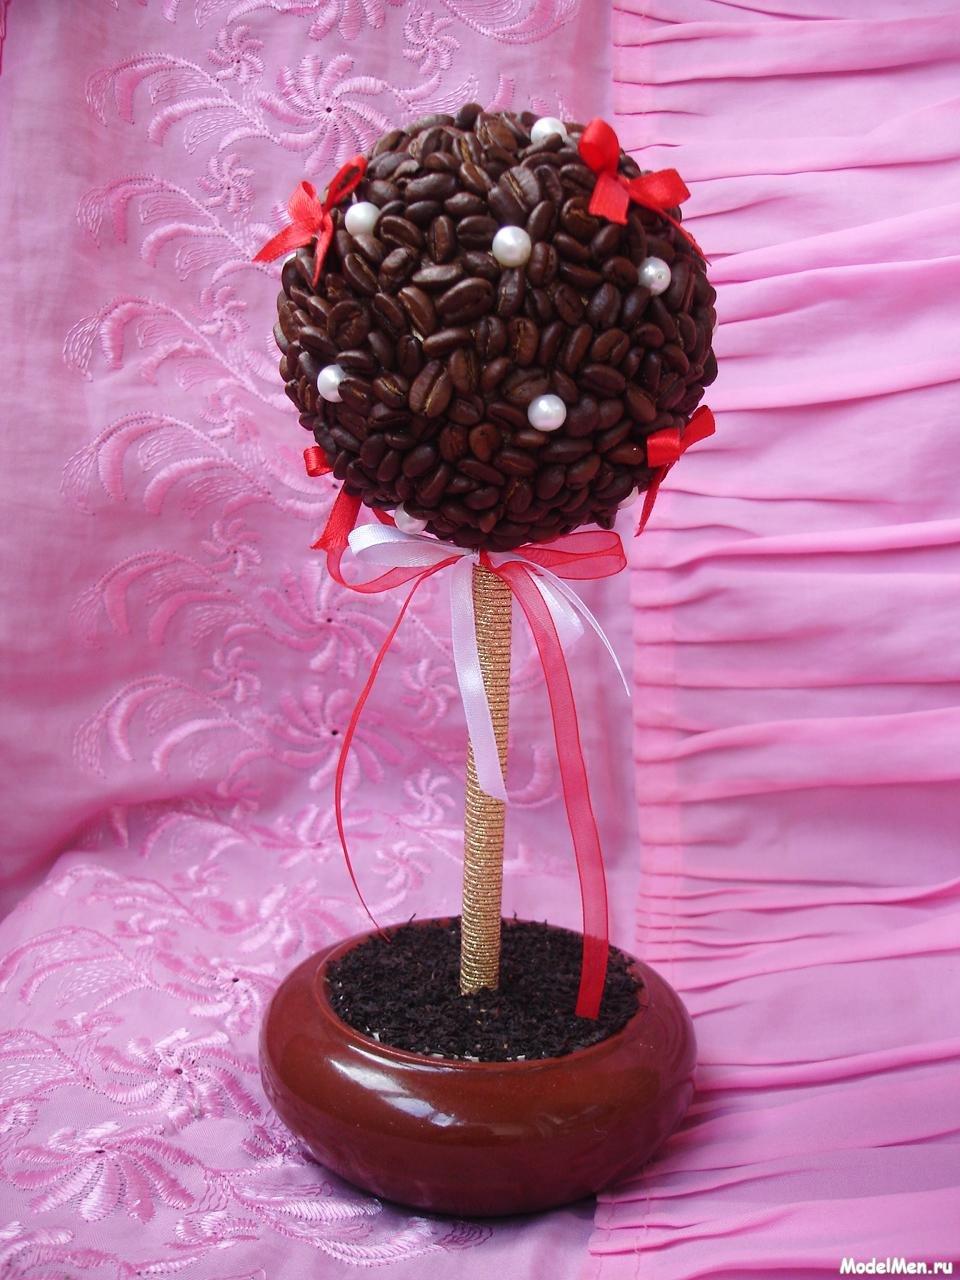 Топиарий из кофе : фото своими руками, кофейное дерево мастер класс, как 92